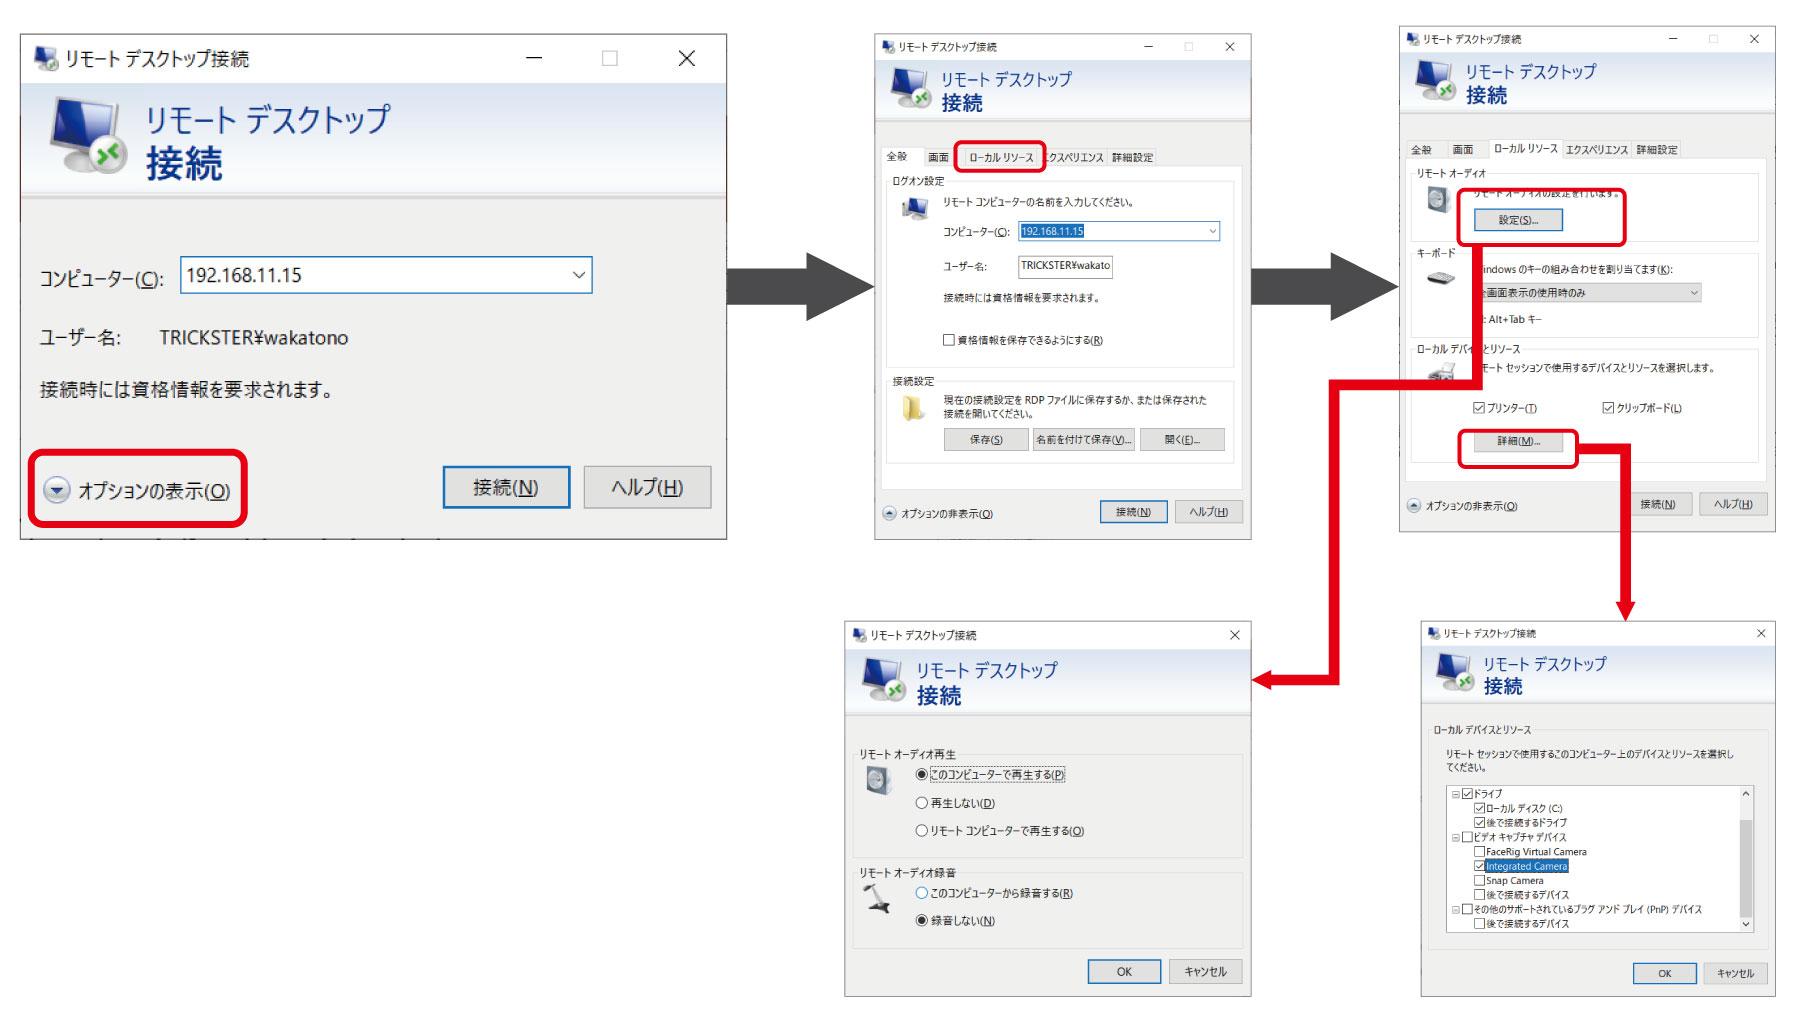 リモートデスクトップ設定画面説明